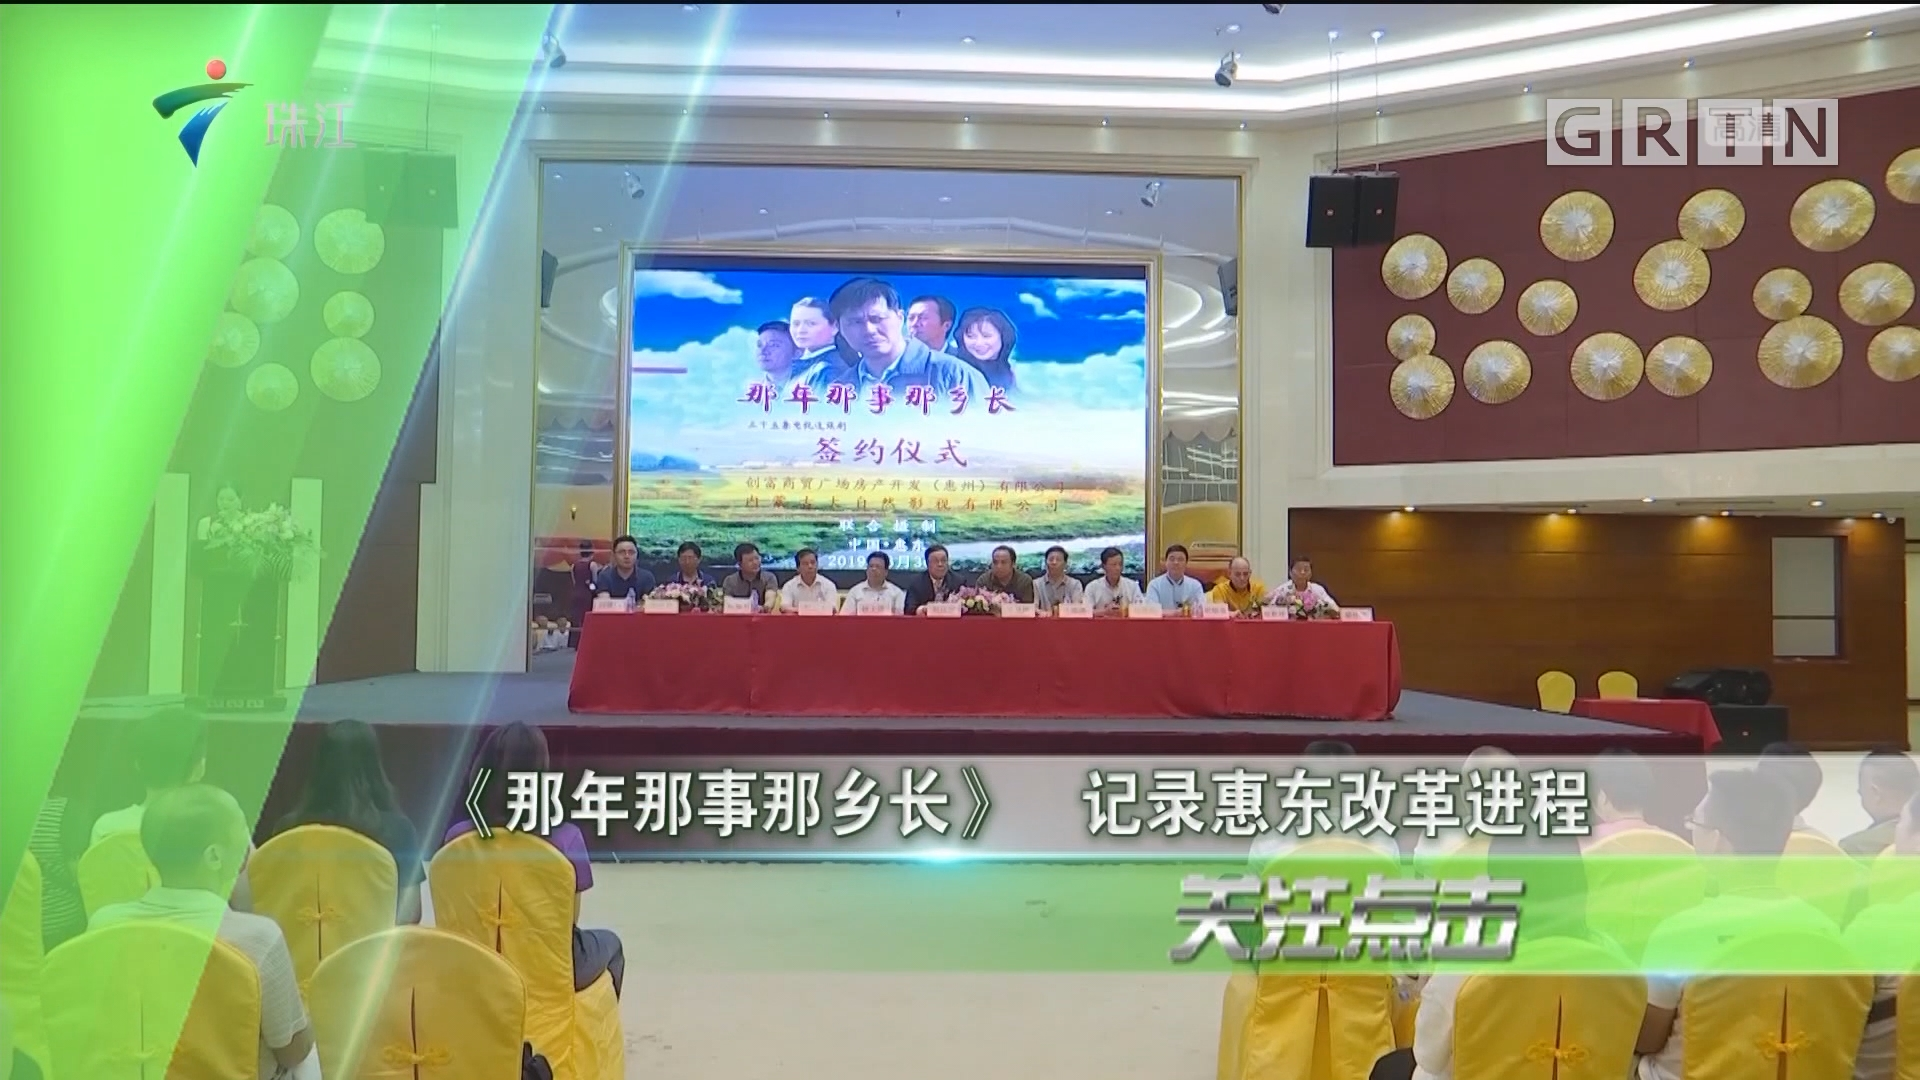 《那年那事那鄉長》 記錄惠東改革進程